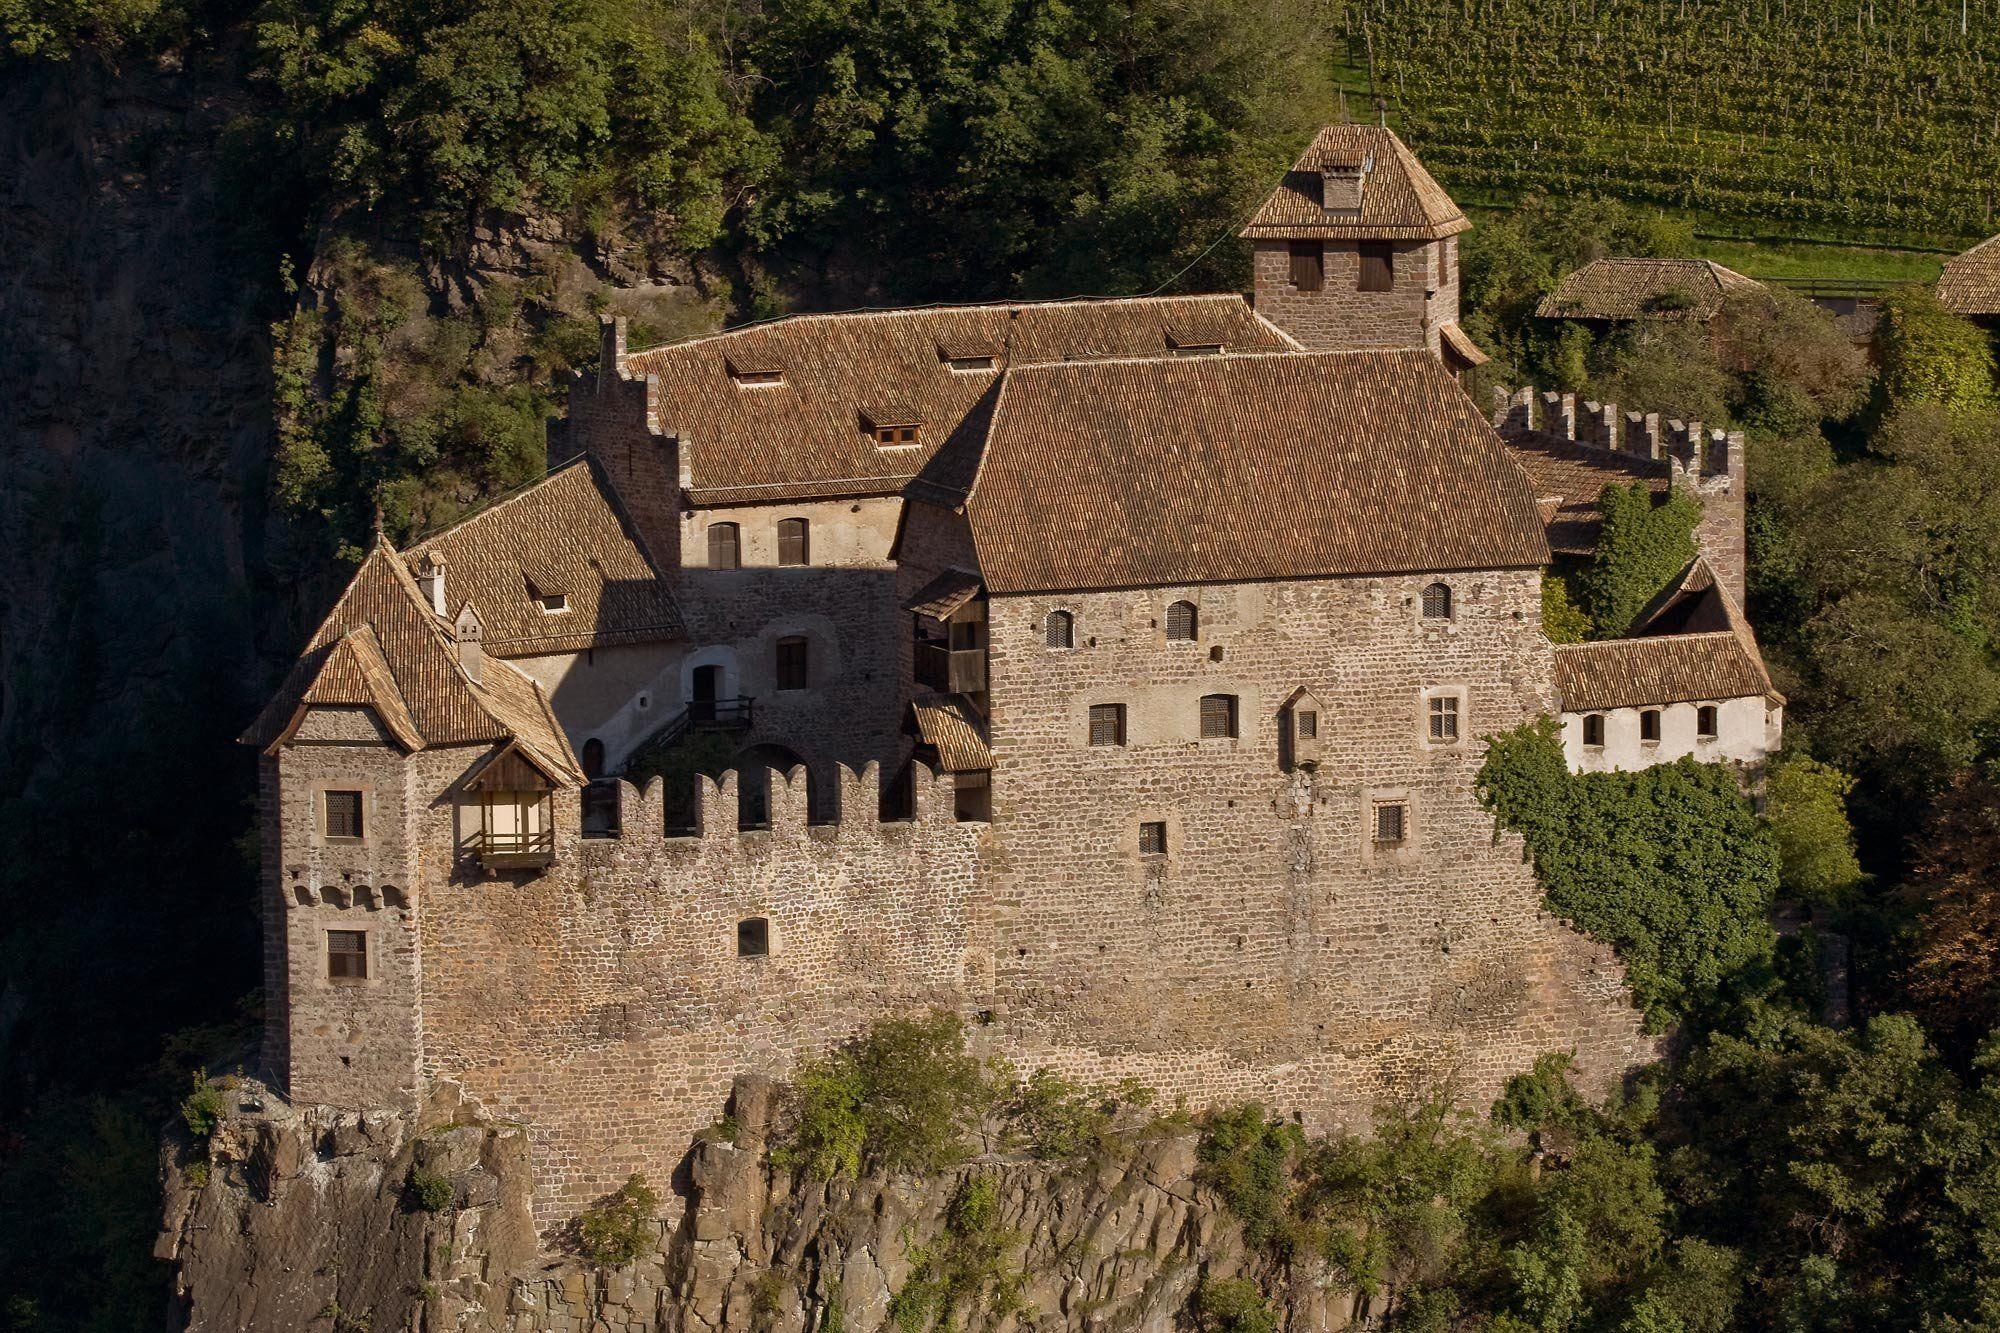 Castel Roncolo - Bolzano, Trentino Alto-Adige. 46°31′03.38″N 11°21′32.36″E